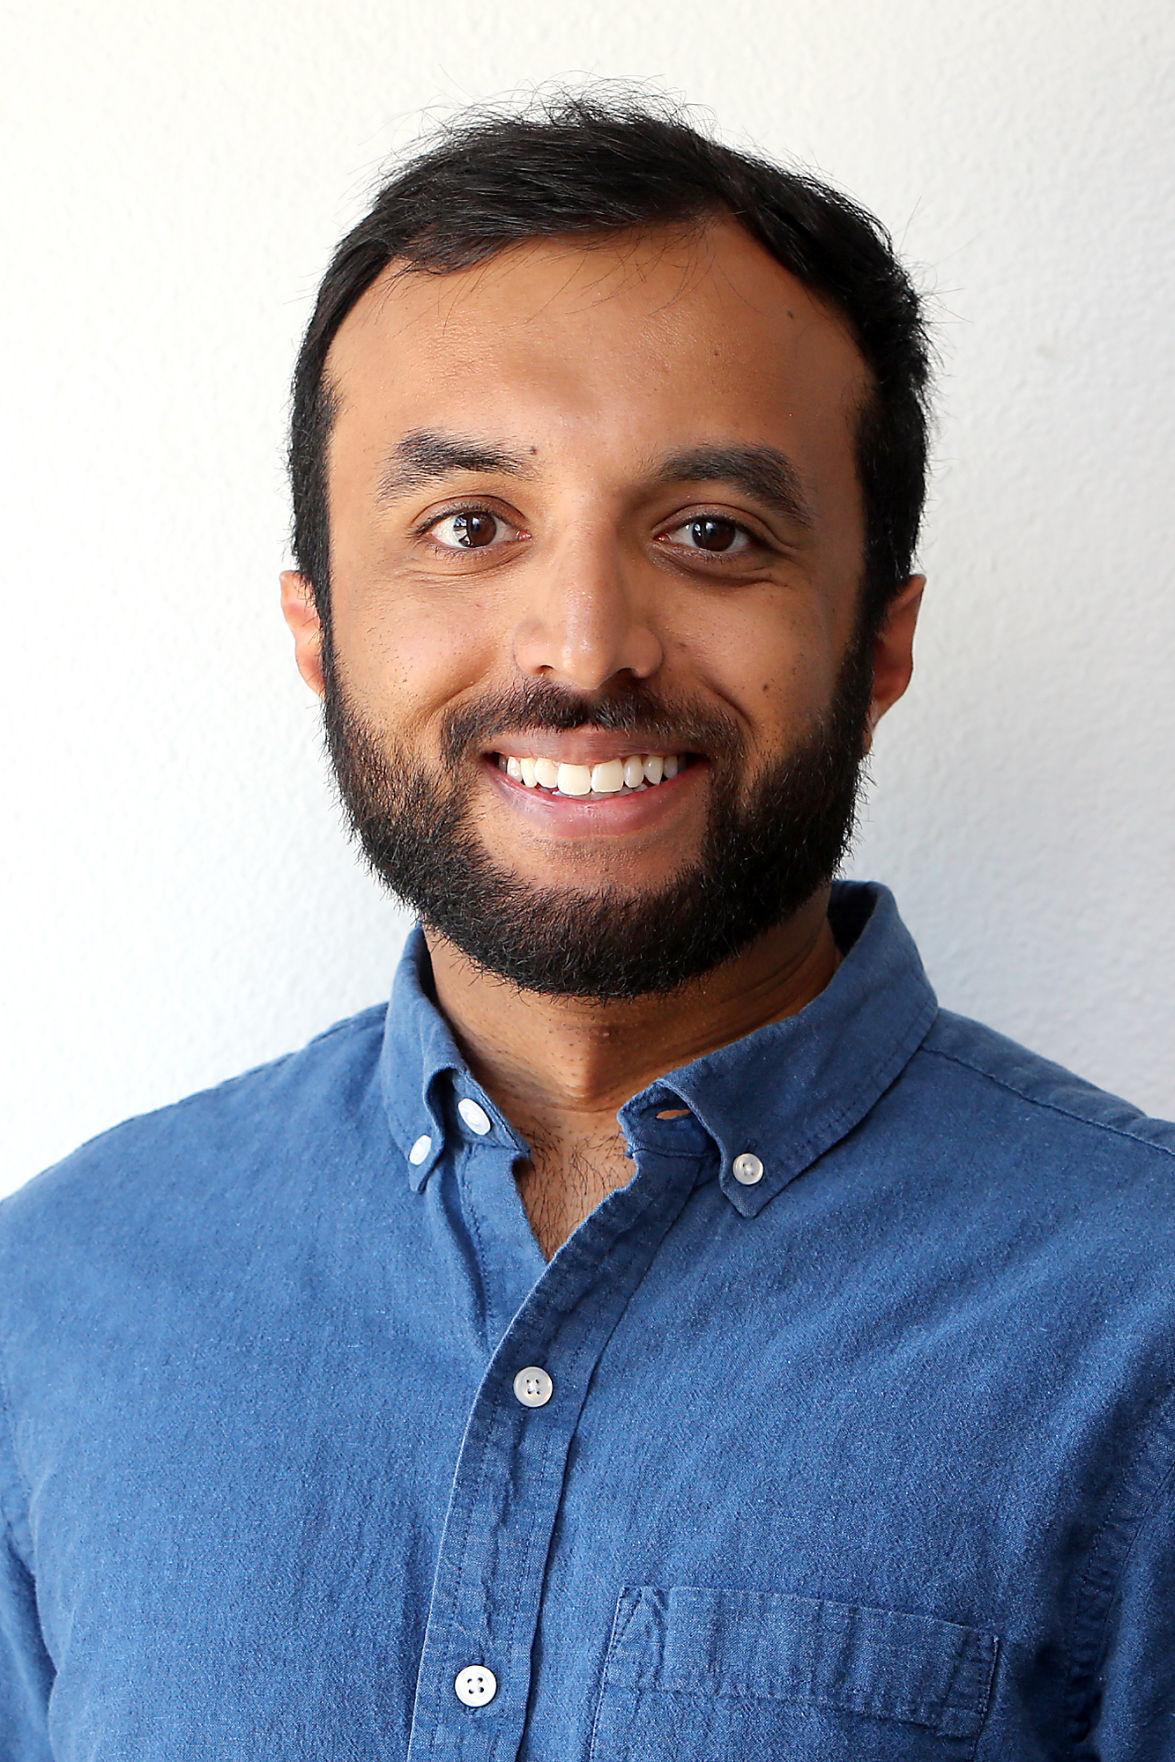 Yousef Baig